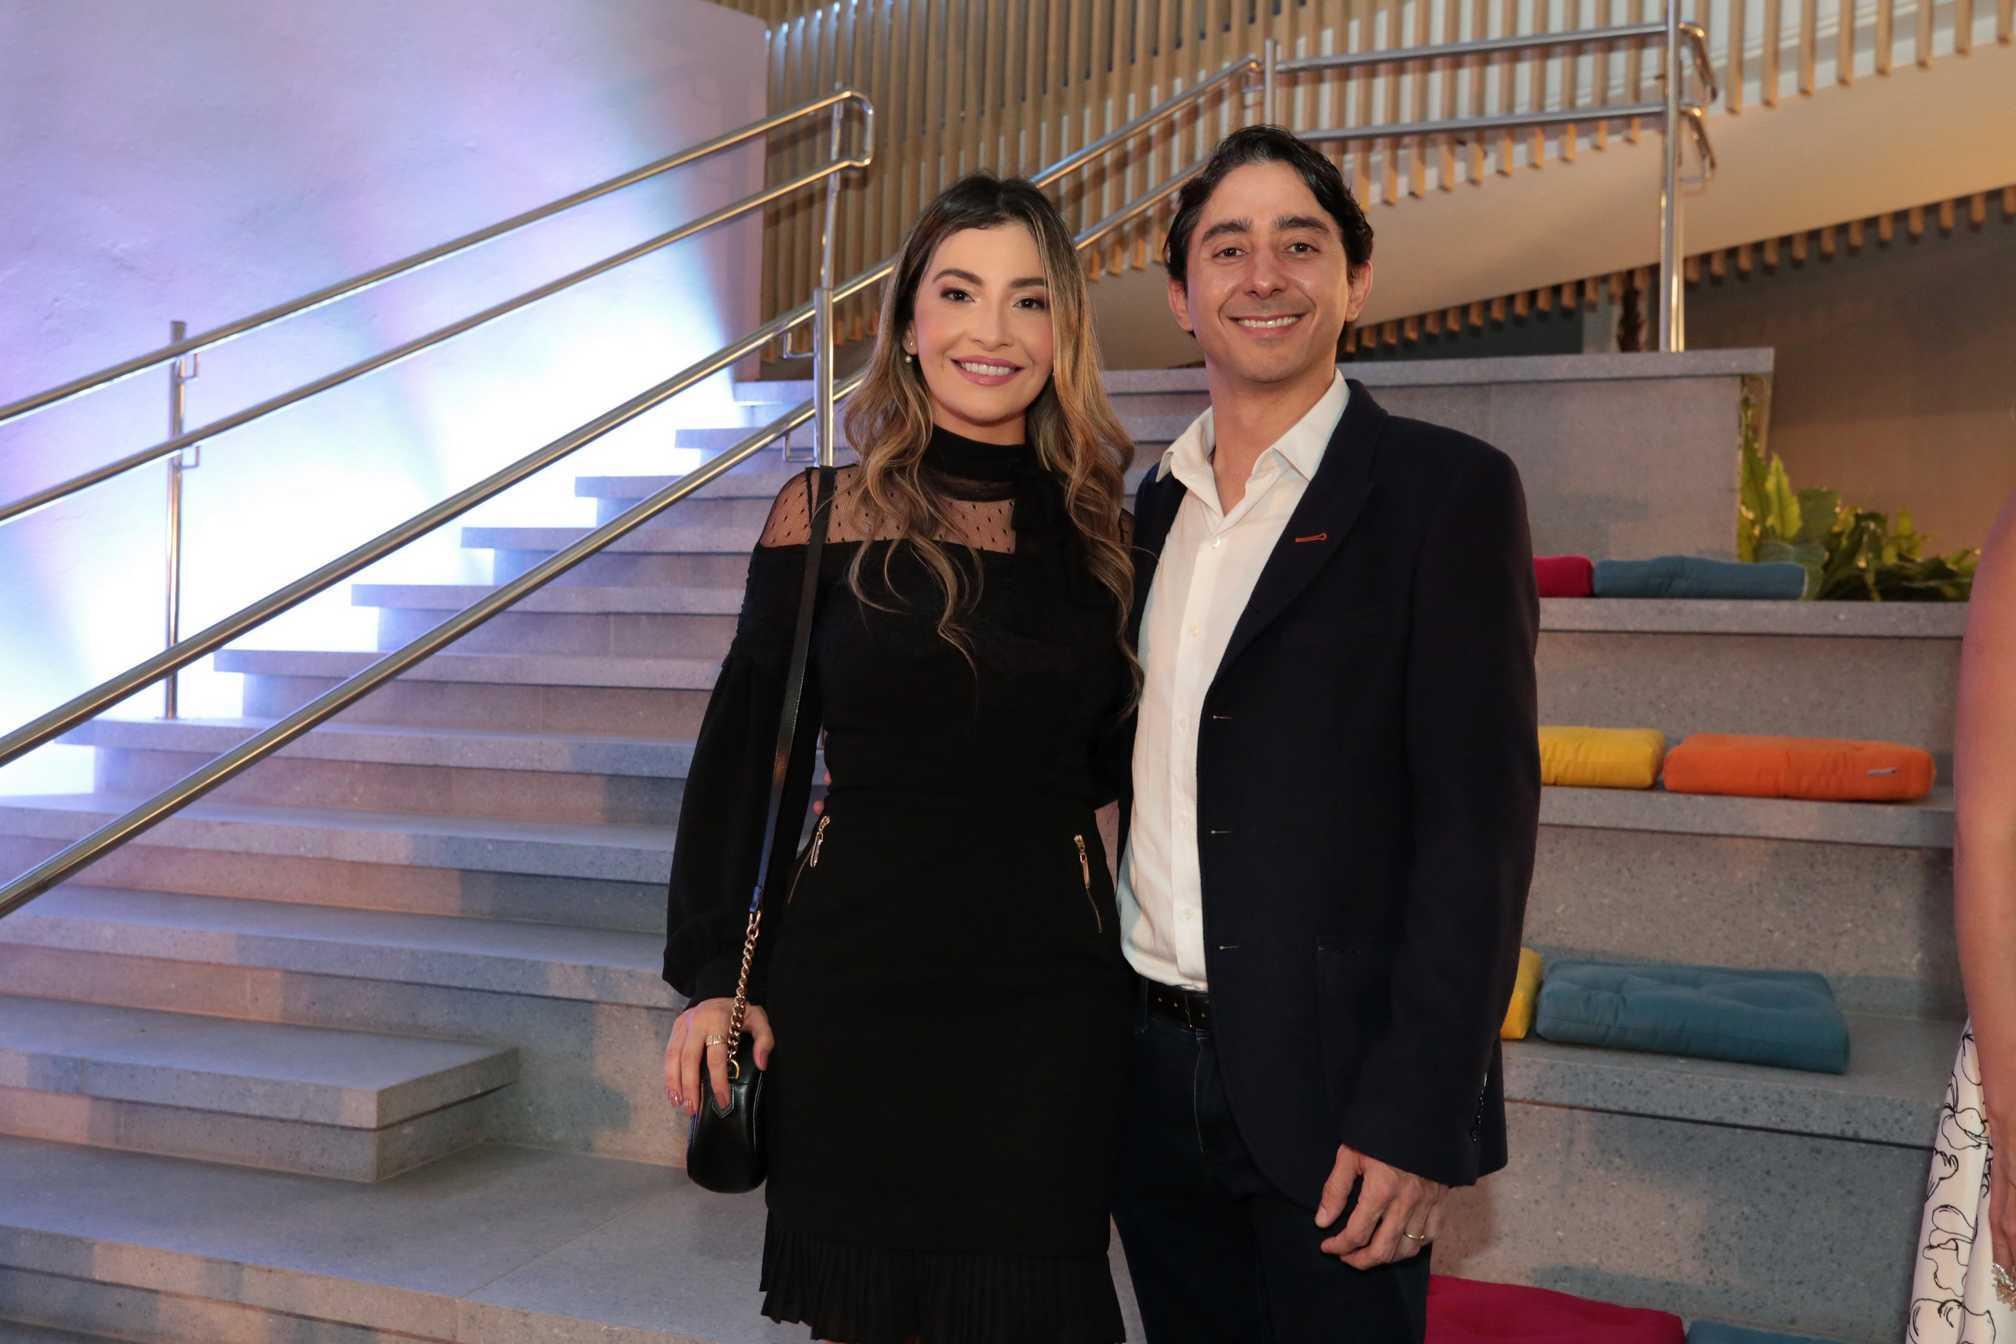 Érica e Evandro Rodrigues Costa, um dos Diretores do Dom Bosco Exponencial.